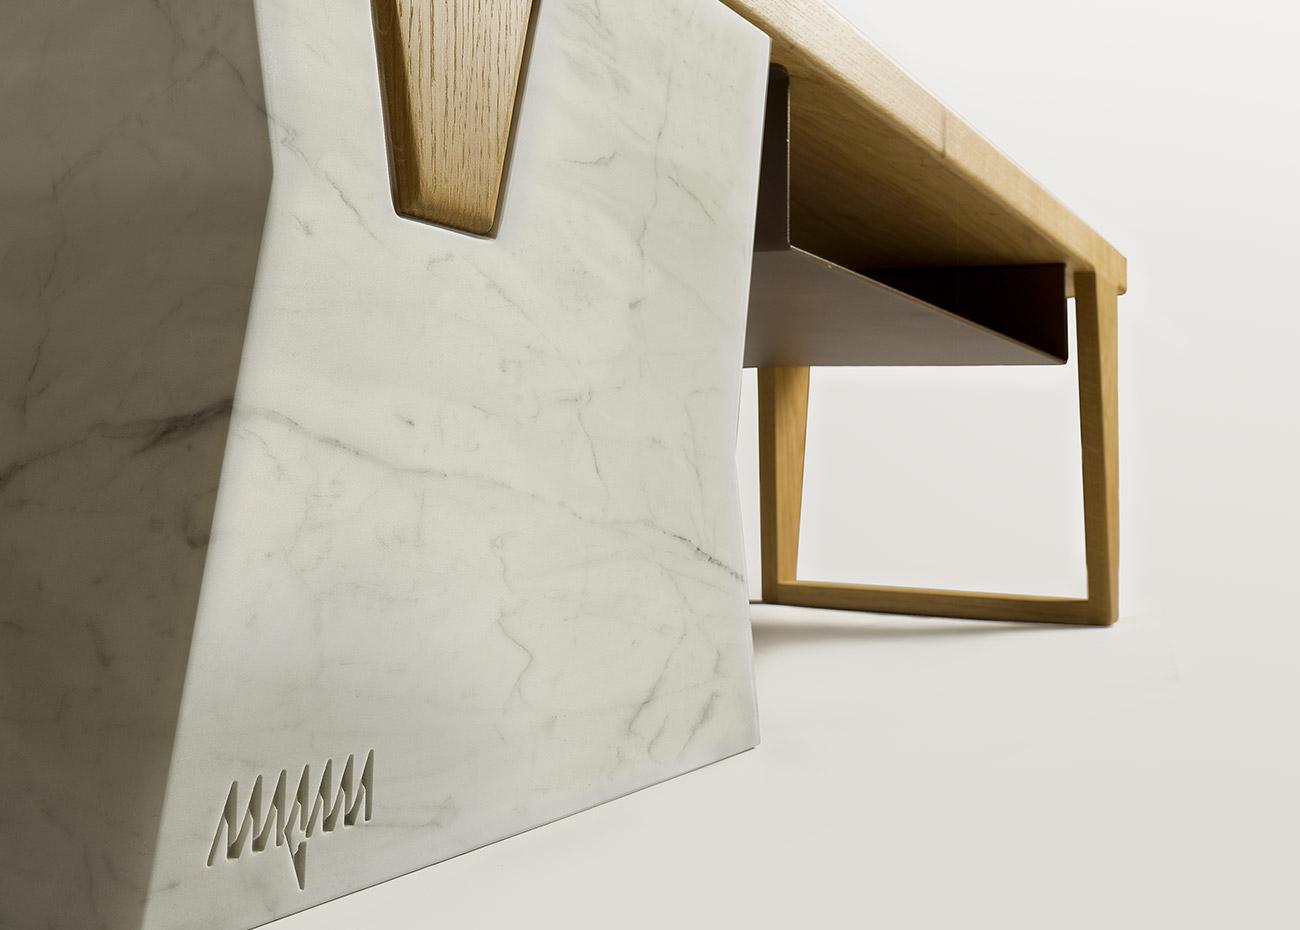 mgm-la-marmoteca-design-collection-panca-in-marmo-e-legno-plaza